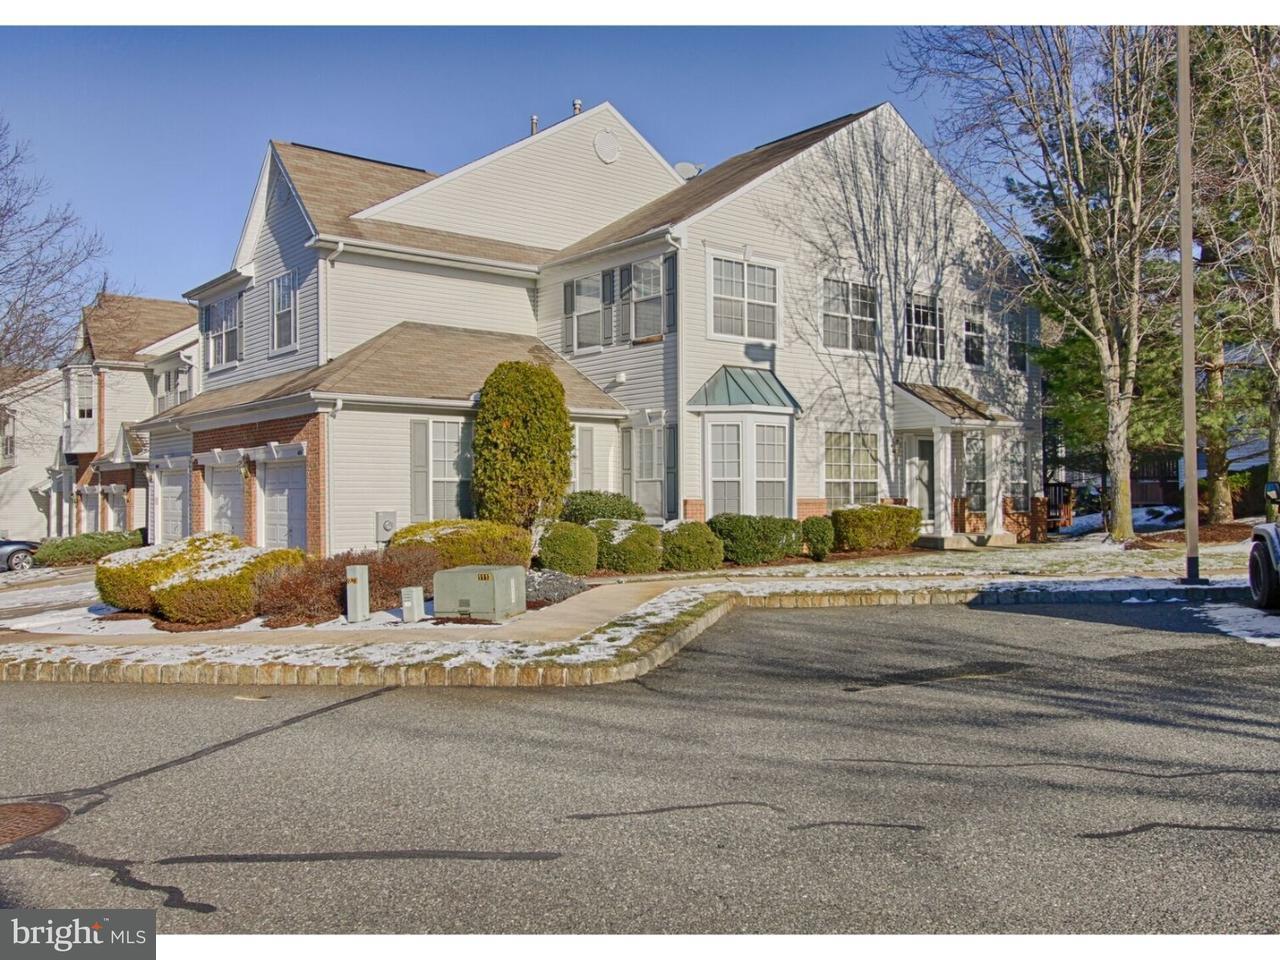 4041  Hermitage Voorhees Twp, NJ 08043